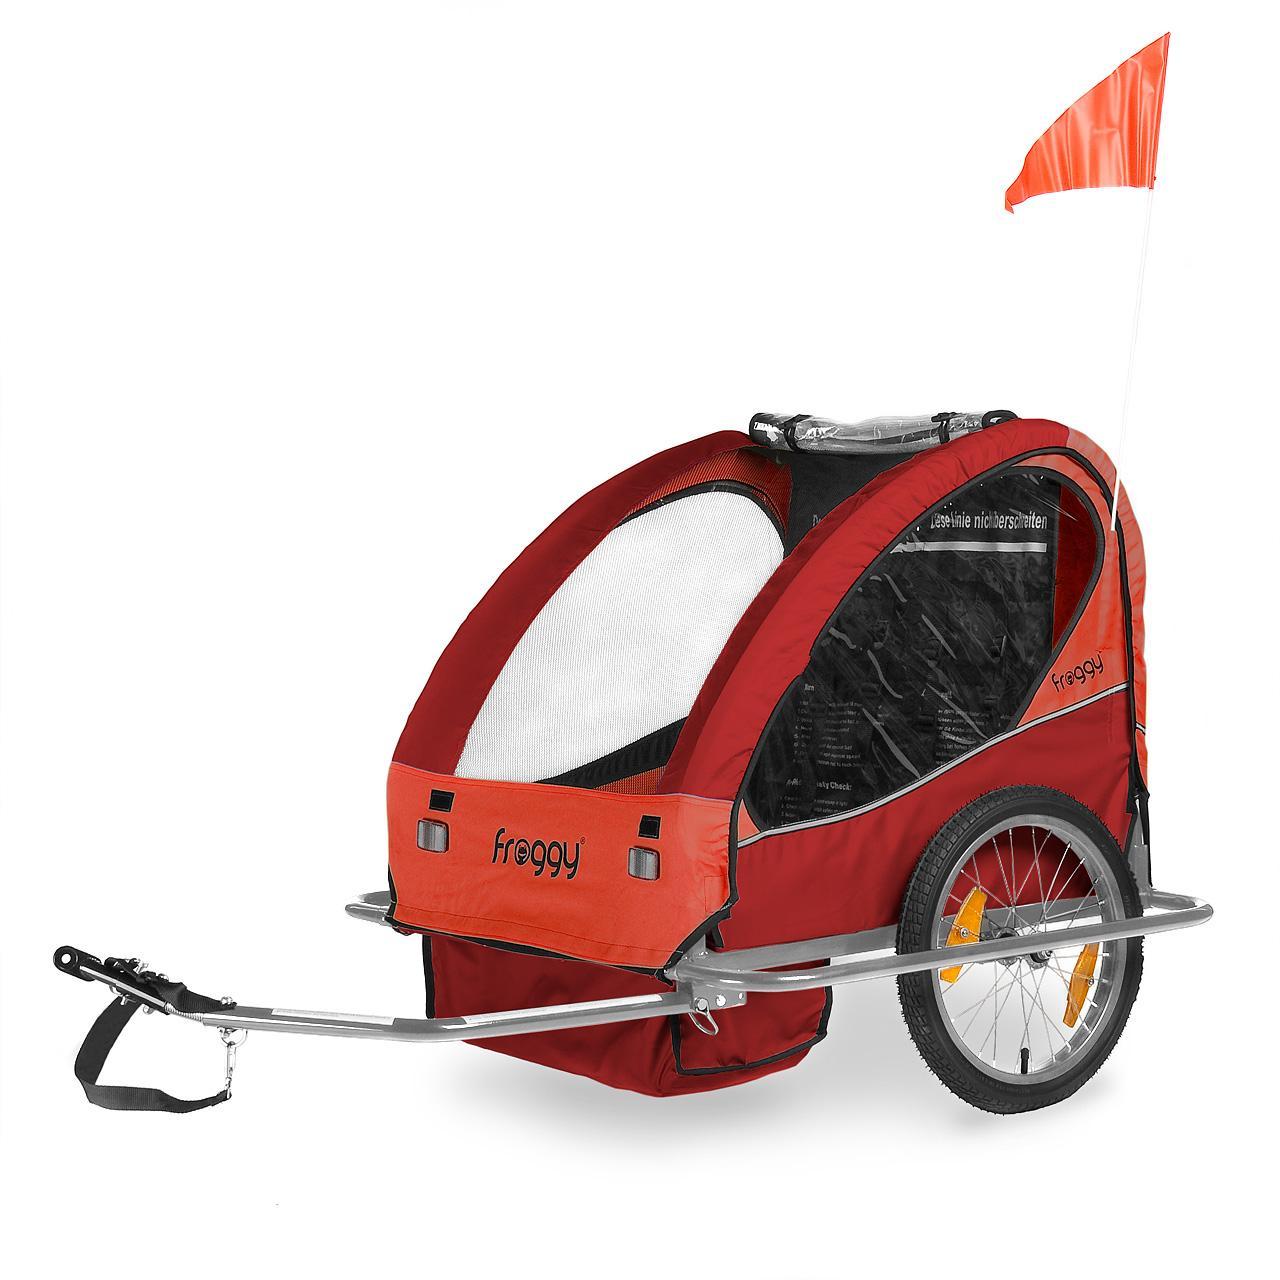 Kinderfahrradanhaenger-Aluminium-Fahrradanhaenger-Kinder-Kinderanhaenger-Jogger-ALU